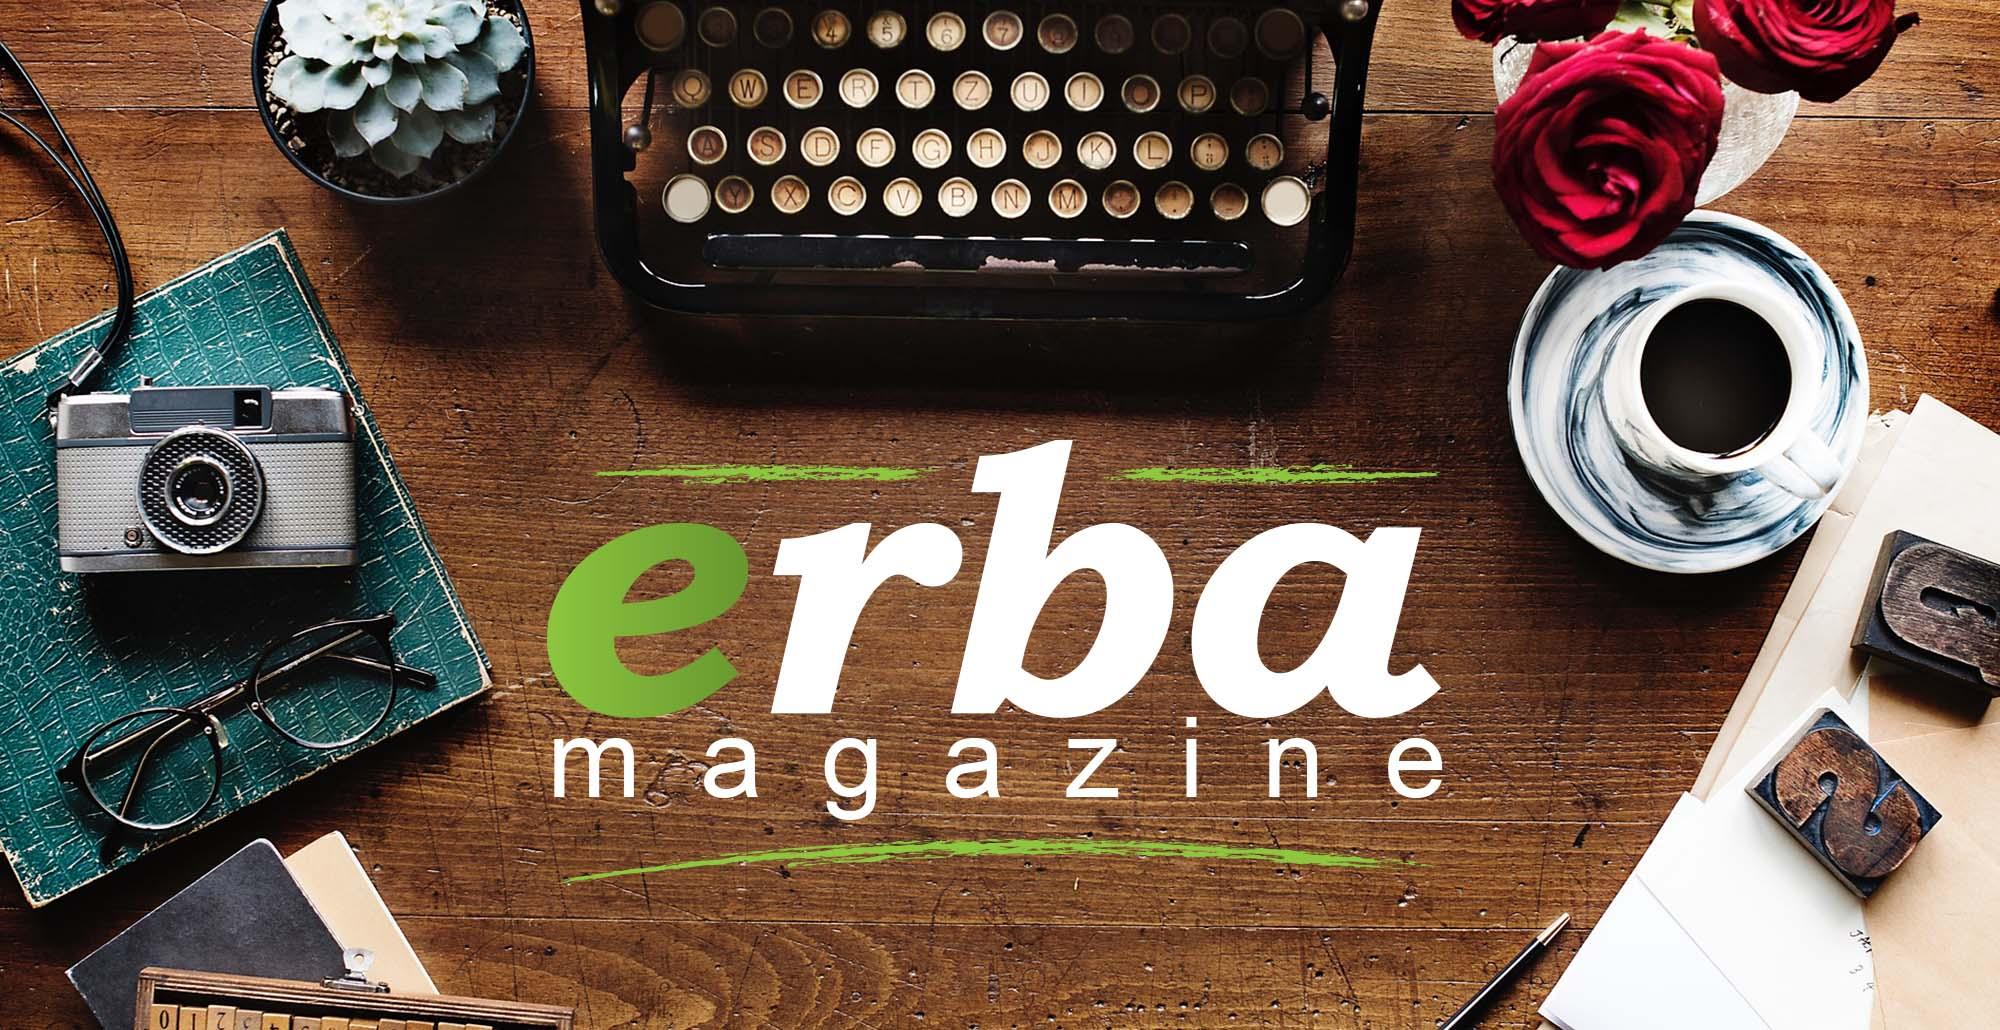 Foto di scrivania in legno con sopra una macchina da scrivere, un caffè , dei fiori, degli occhiali da vista e una macchina fotografica